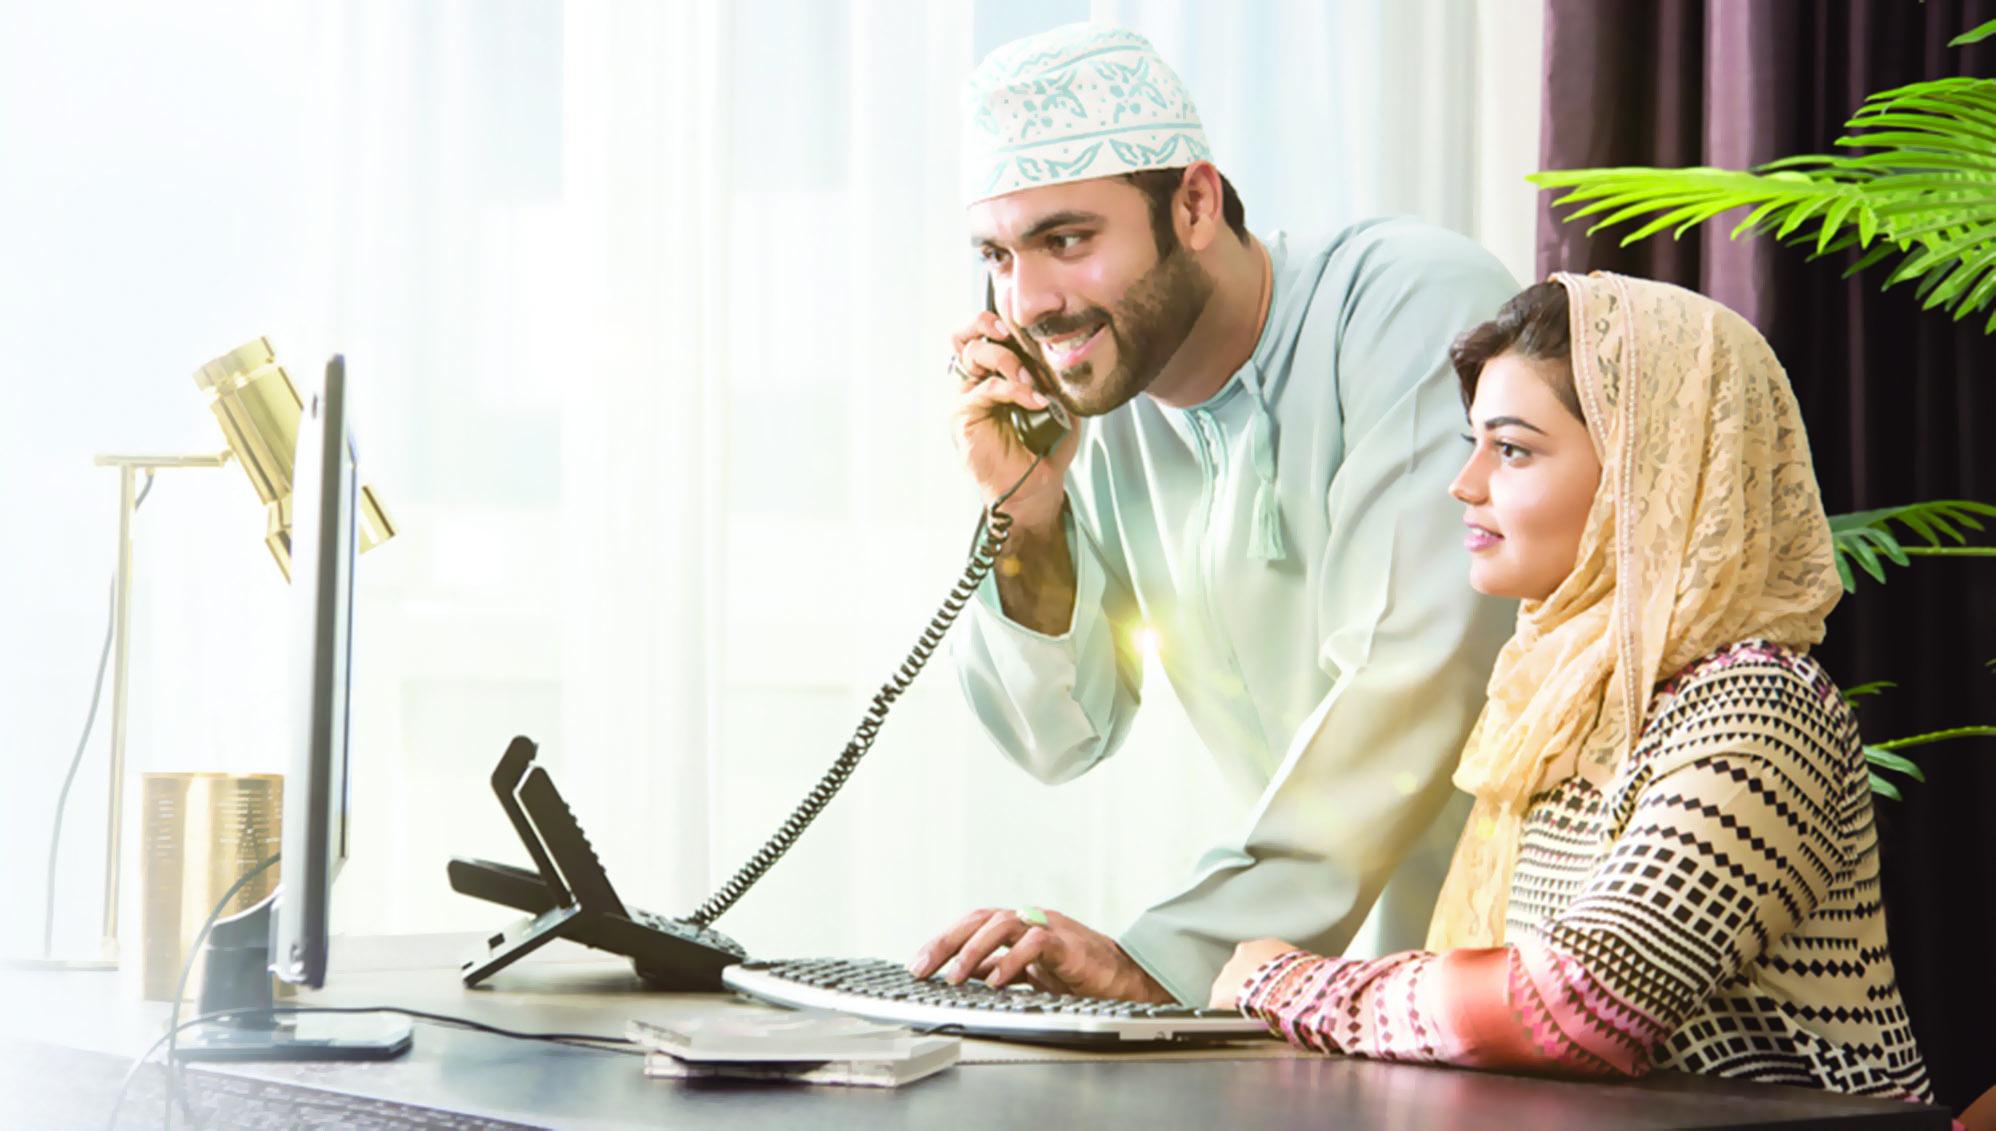 «عُمانتل» تتيح الخدمات  لمشتركيها عبر موقعها الإلكتروني